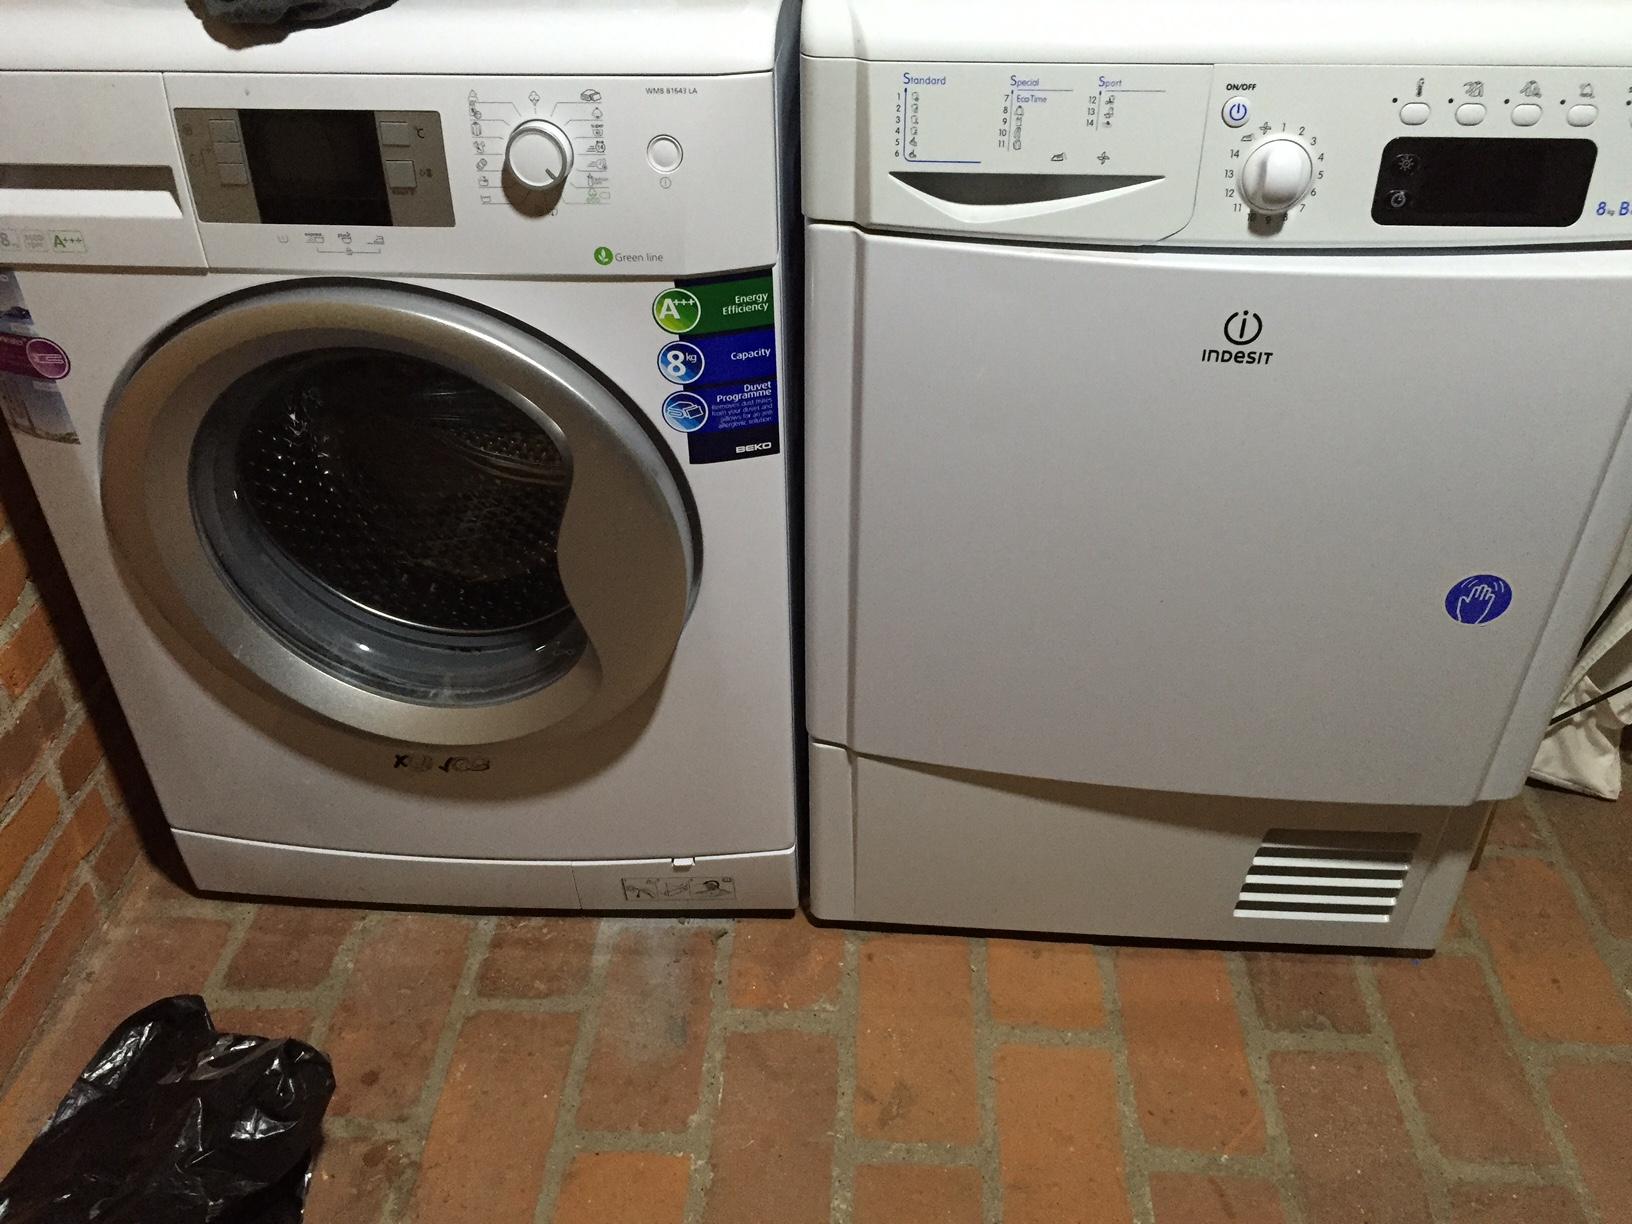 Levering og tilslutning af vaskemaskine og tørretumbler.